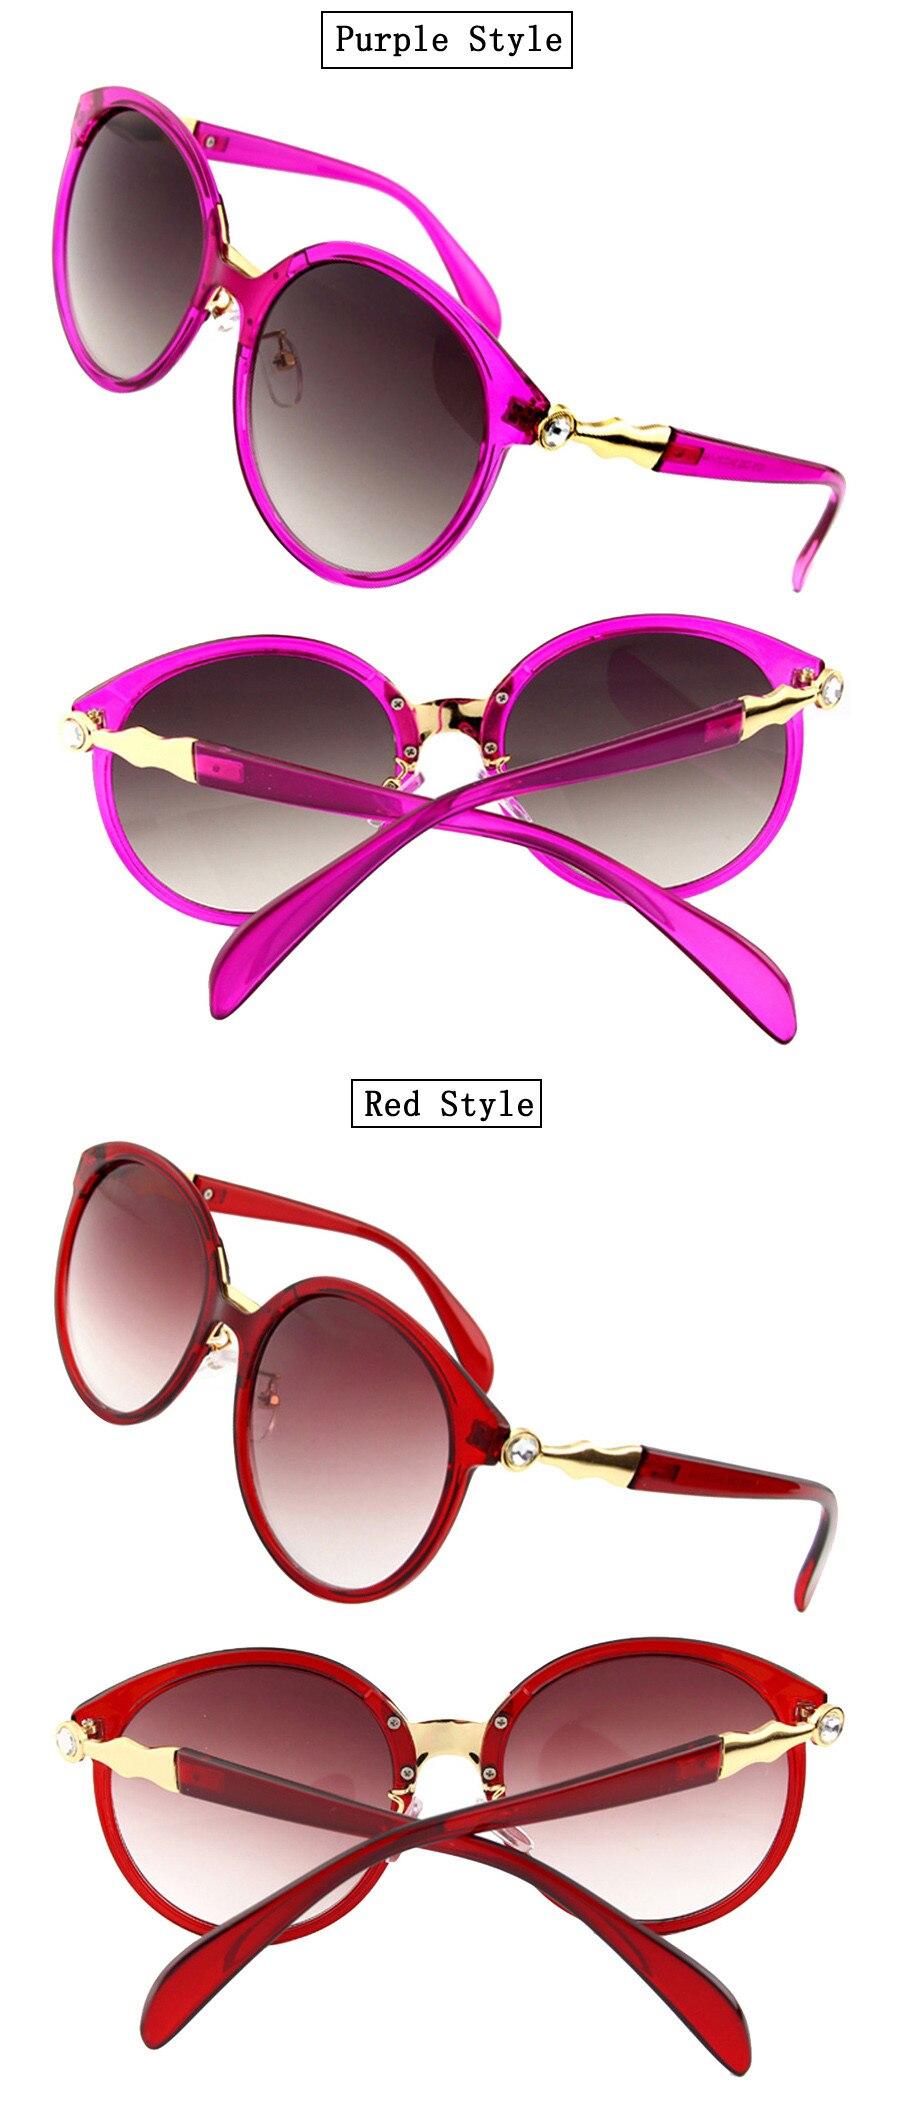 af5cf2f20 ჱإيثان الفاخرة النظارات الشمسية النساء عدسات مستديرة نظارات شمسية ...